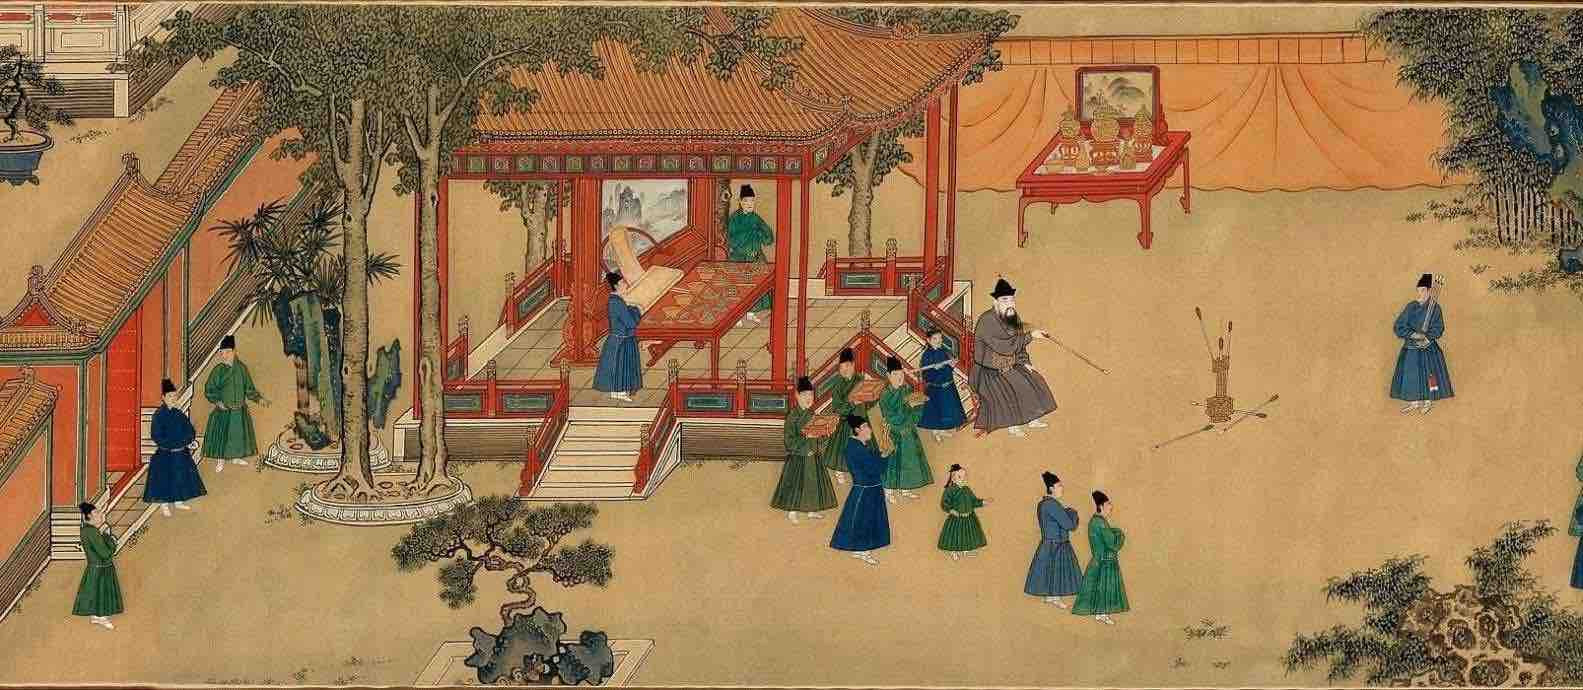 """Painting """"Zhu Zhanji Xing Le Tu"""" Presenting Emperor Zhu Zhanji's Entertainment Activities in the Royal Palace Part 2"""